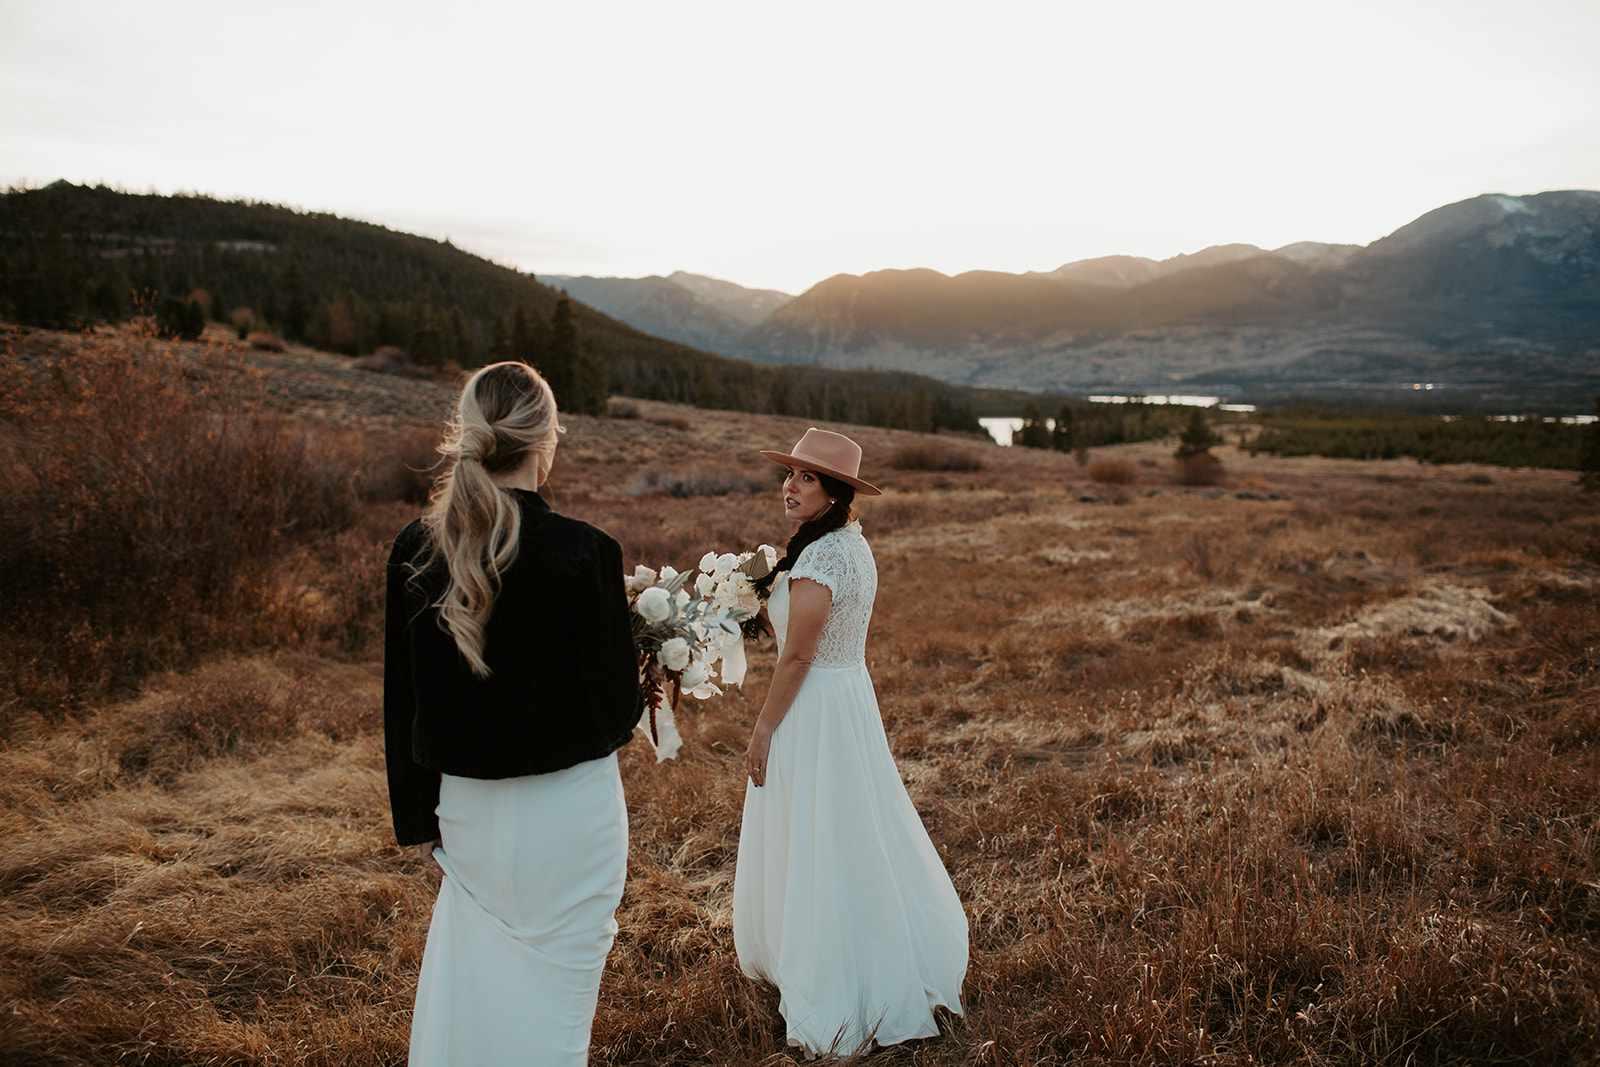 Brides walking in mountainside